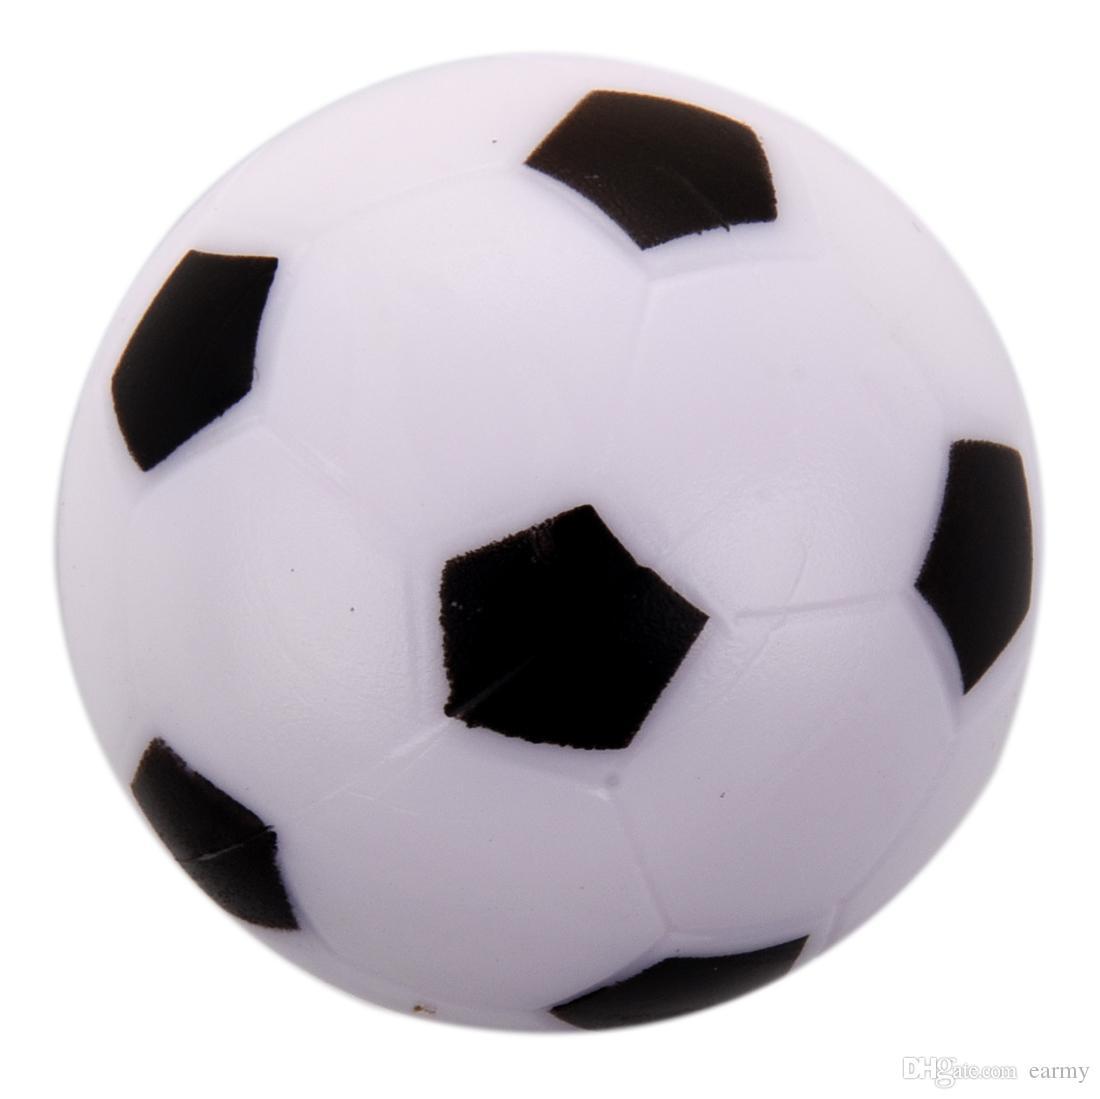 6d5cdd7c0d53d Compre Atacado Pequeno Futebol De Mesa De Pebolim Bola De Plástico Rígido  Homo Logue Crianças Jogo De Brinquedo Preto Branco De Earmy